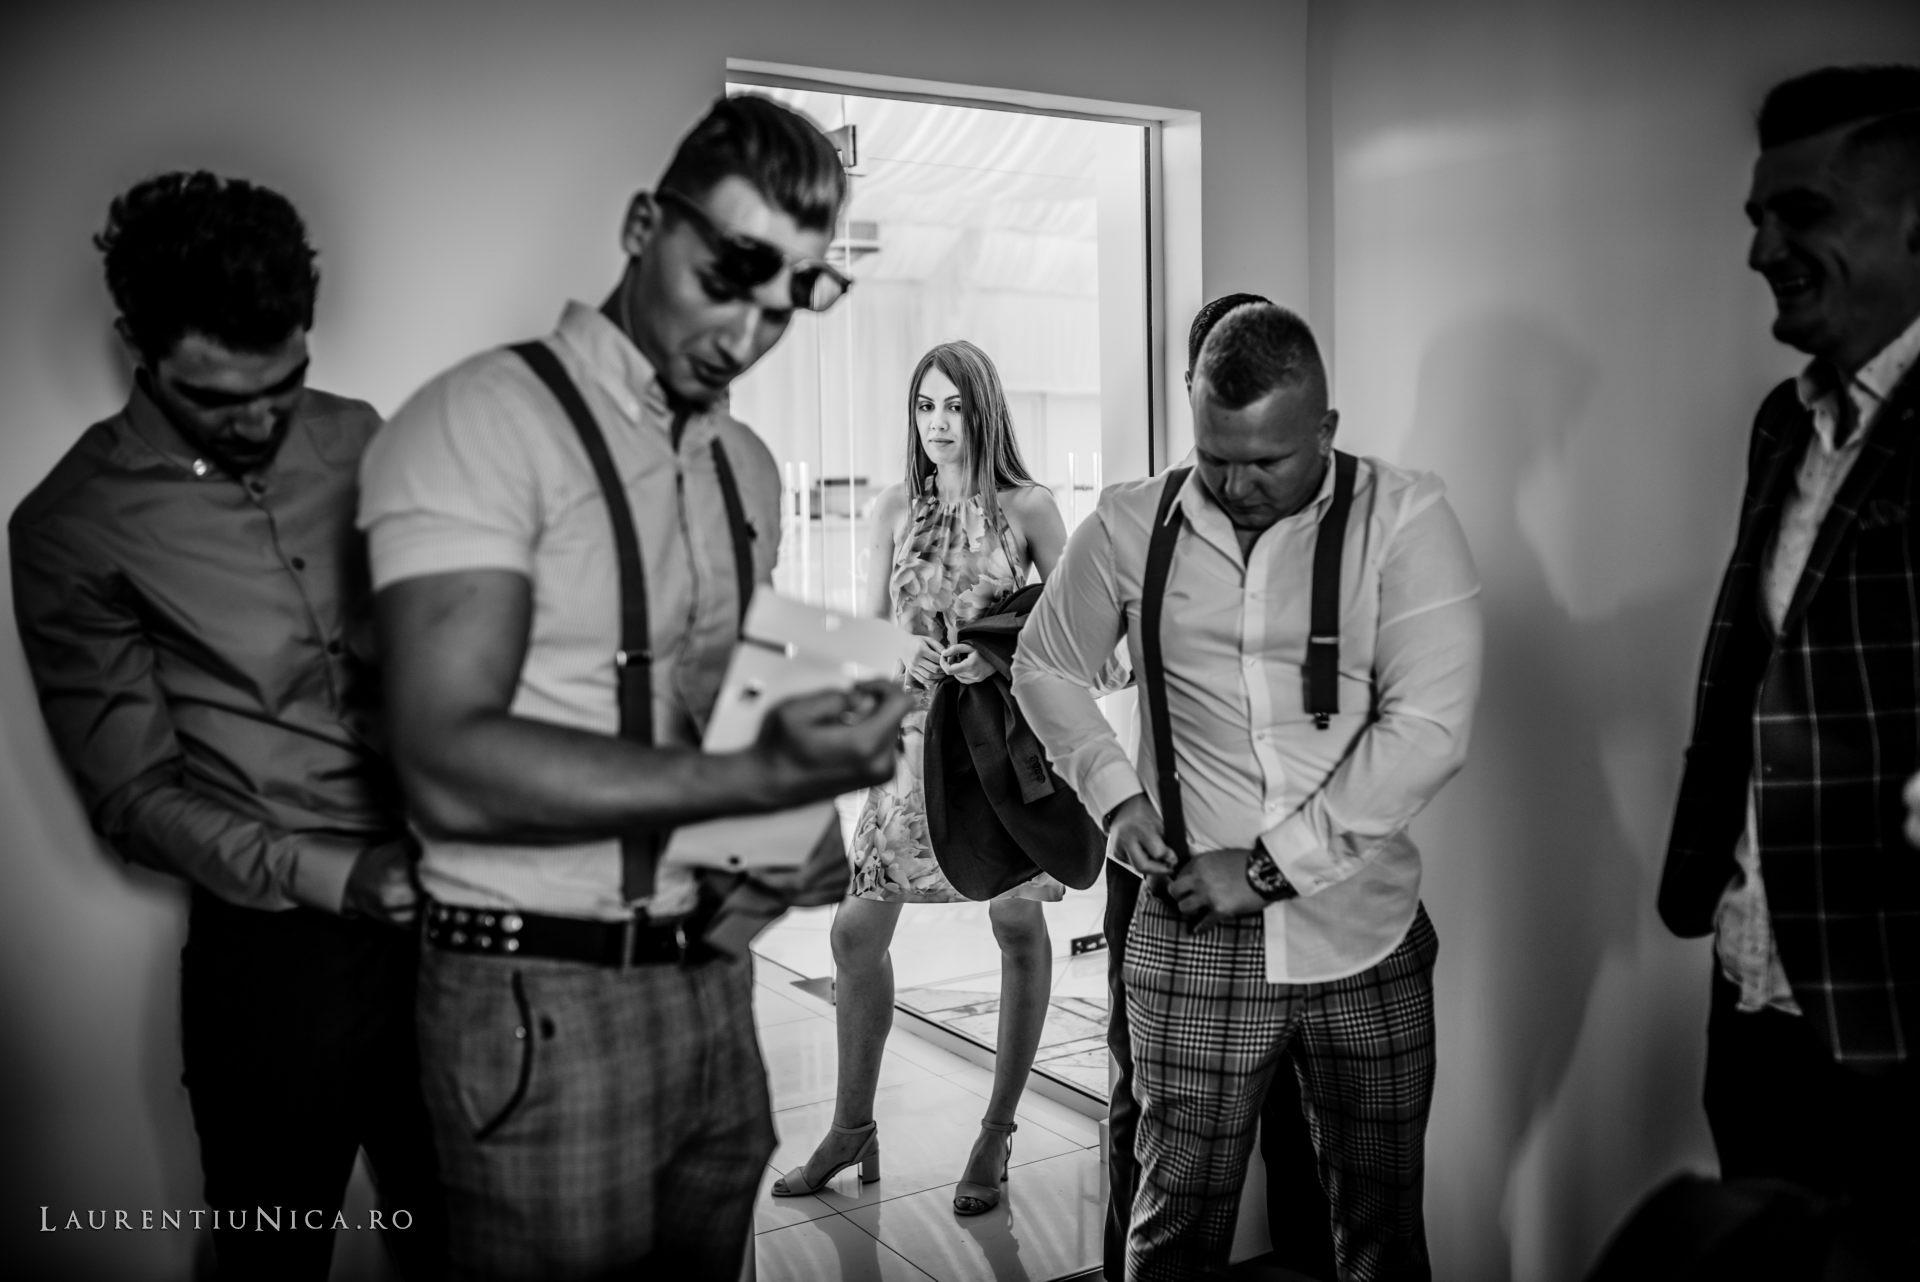 denisa si catalin fotograf nunta laurentiu nica craiova 10 - Denisa si Catalin | Fotografii nunta | Craiova